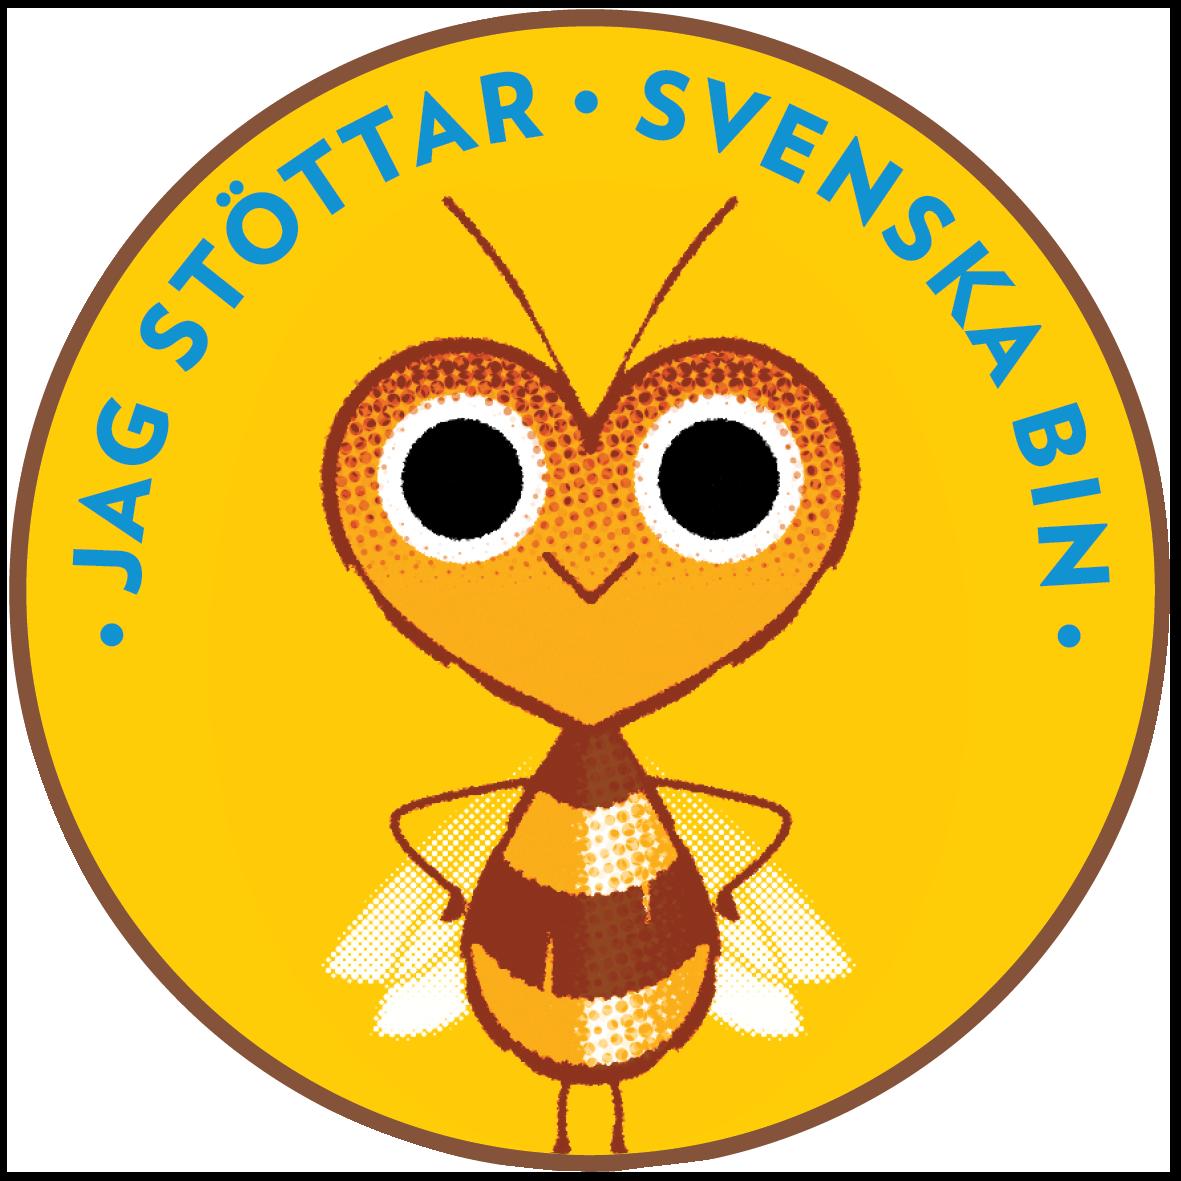 Stötta svenska bin